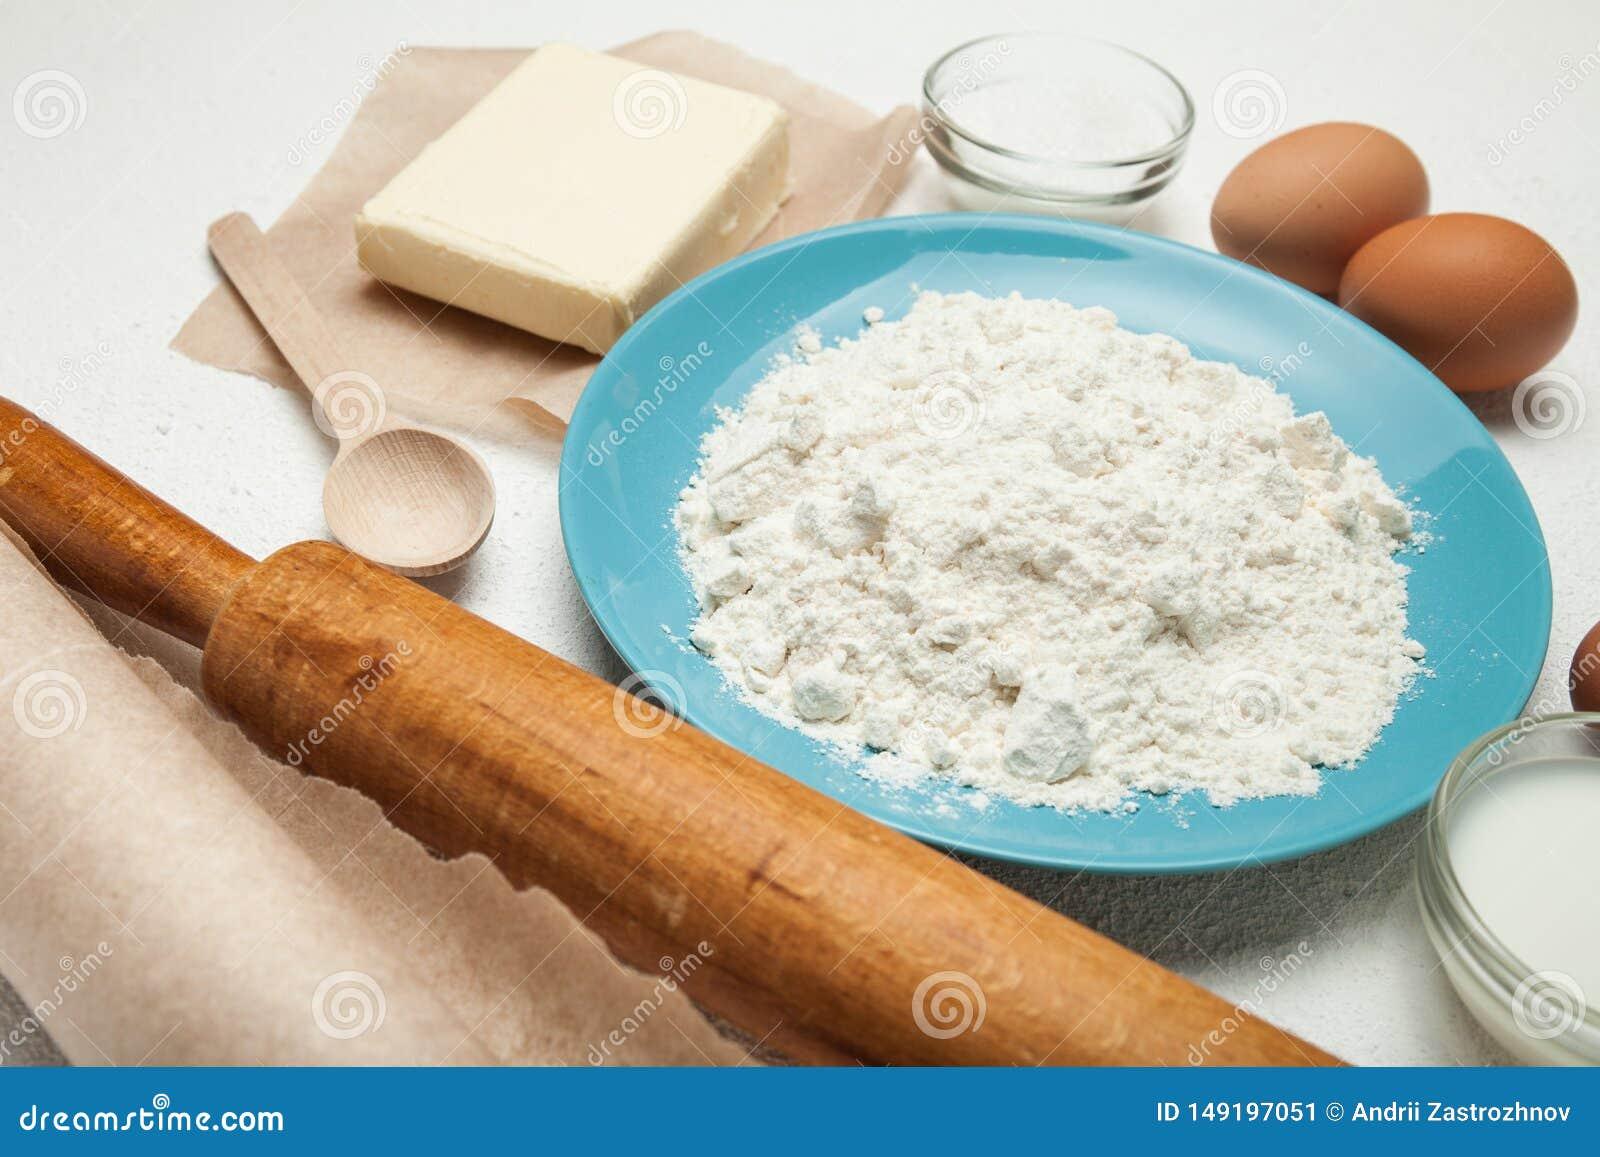 Gâteau de cuisson, recette de gâteau, ingrédients - oeufs, farine, beurre, sucre sur la table Le concept du gâteau doux